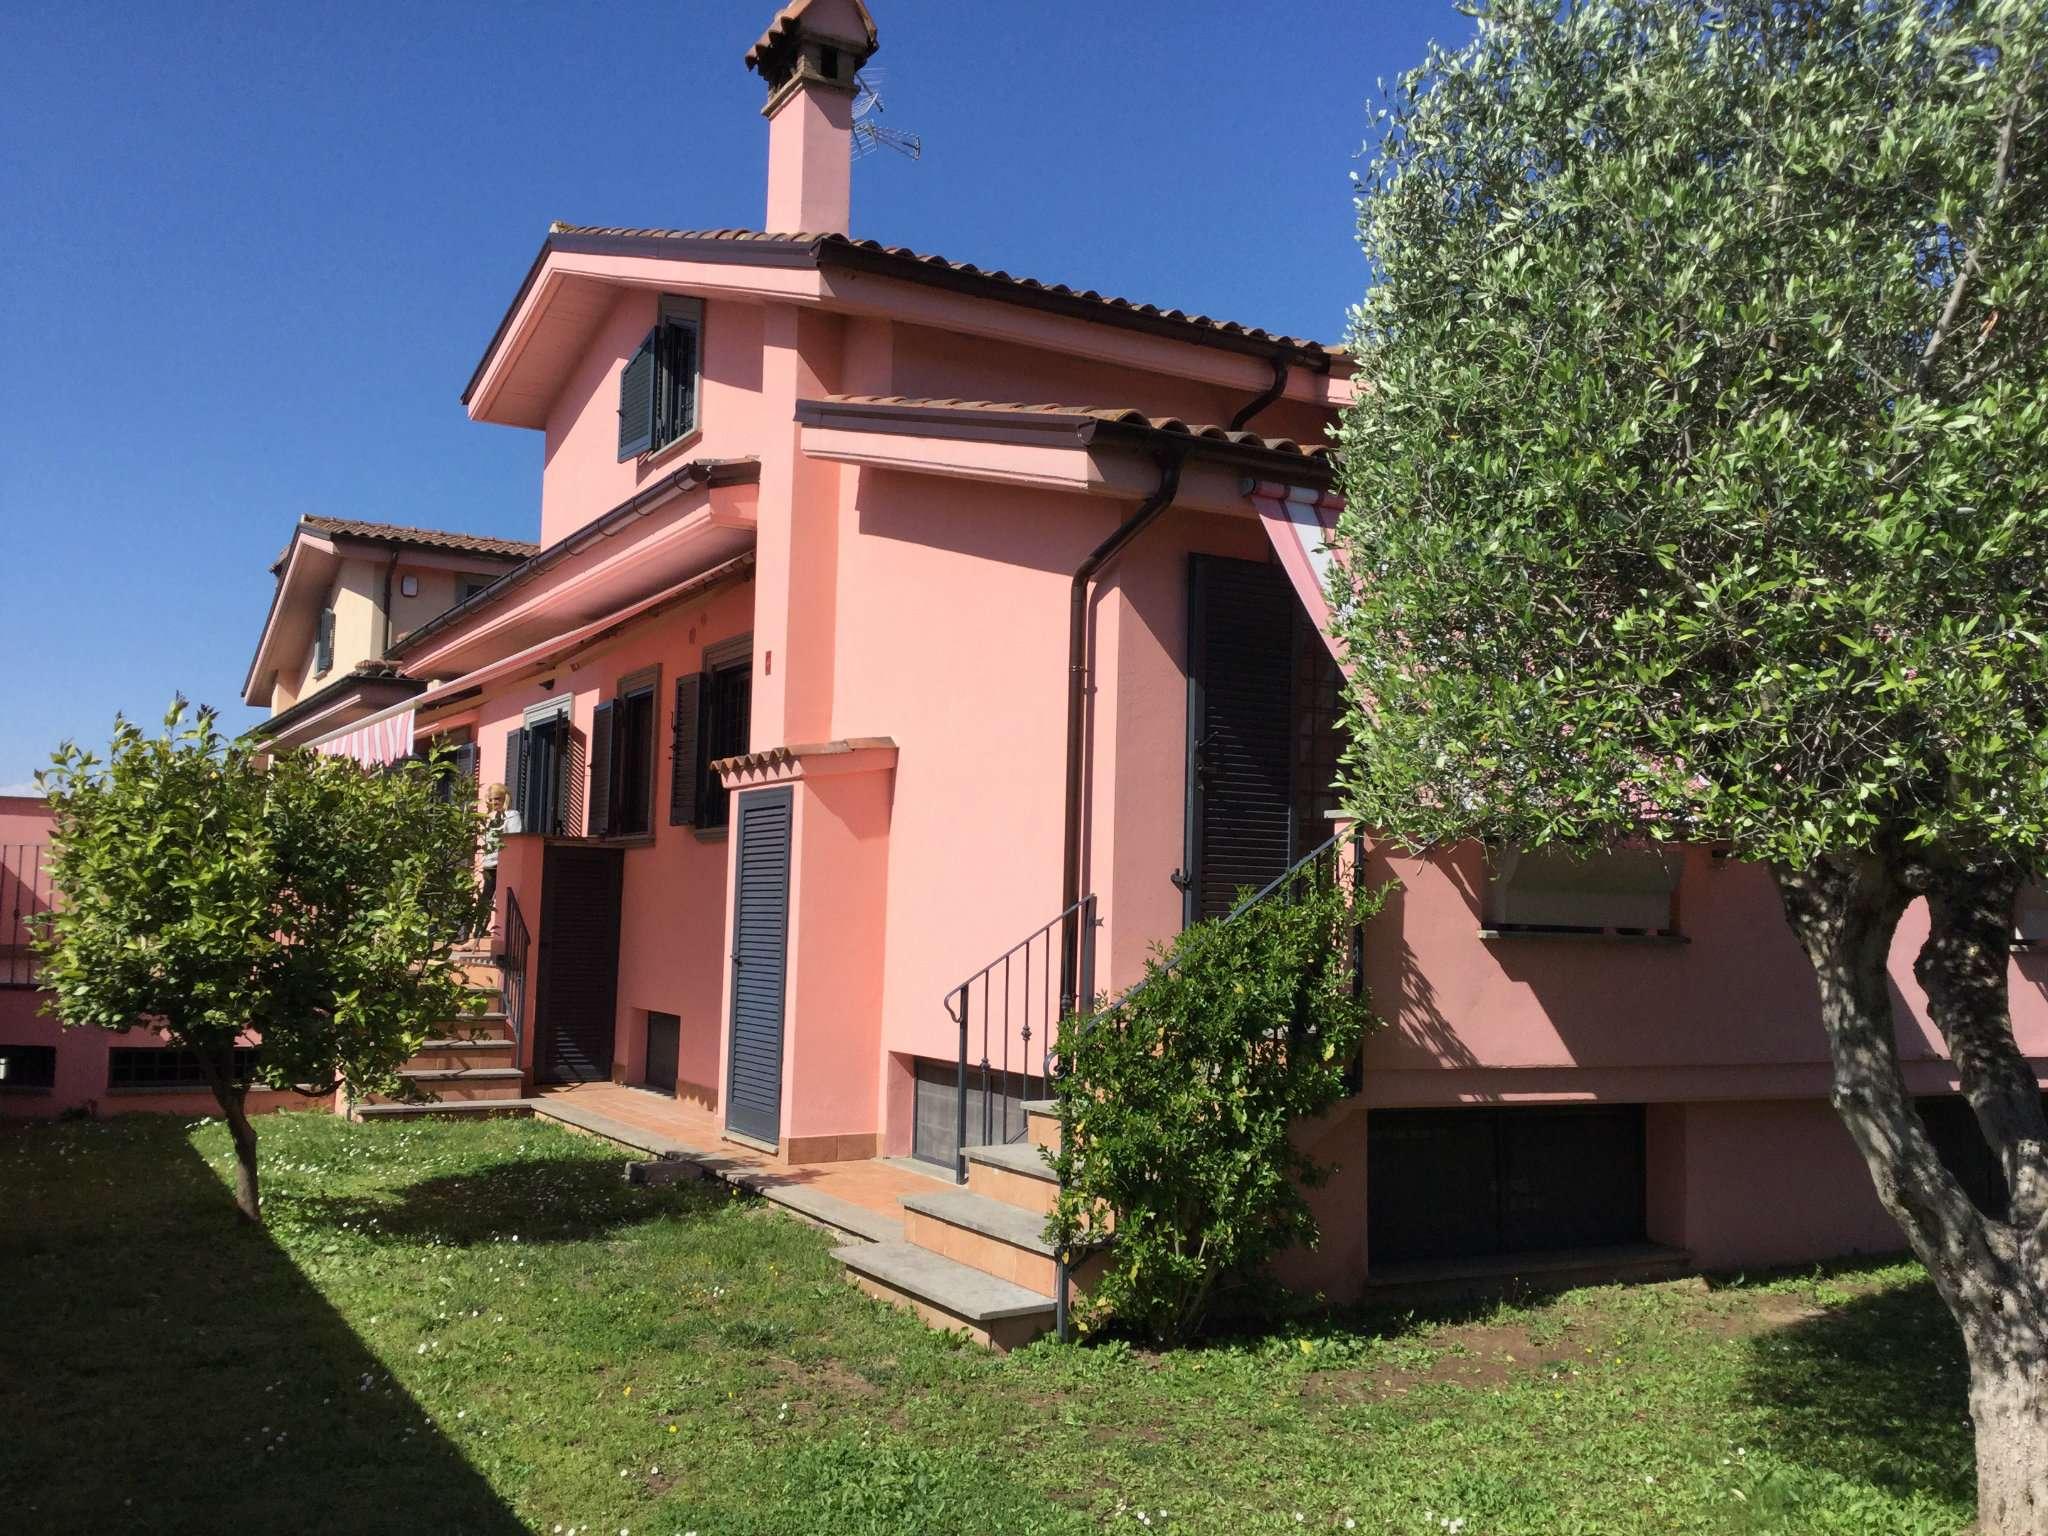 Villa Bifamiliare in vendita a Roma, 6 locali, zona Zona: 40 . Piana del Sole, Casal Lumbroso, Malagrotta, Ponte Galeria, prezzo € 495.000 | CambioCasa.it